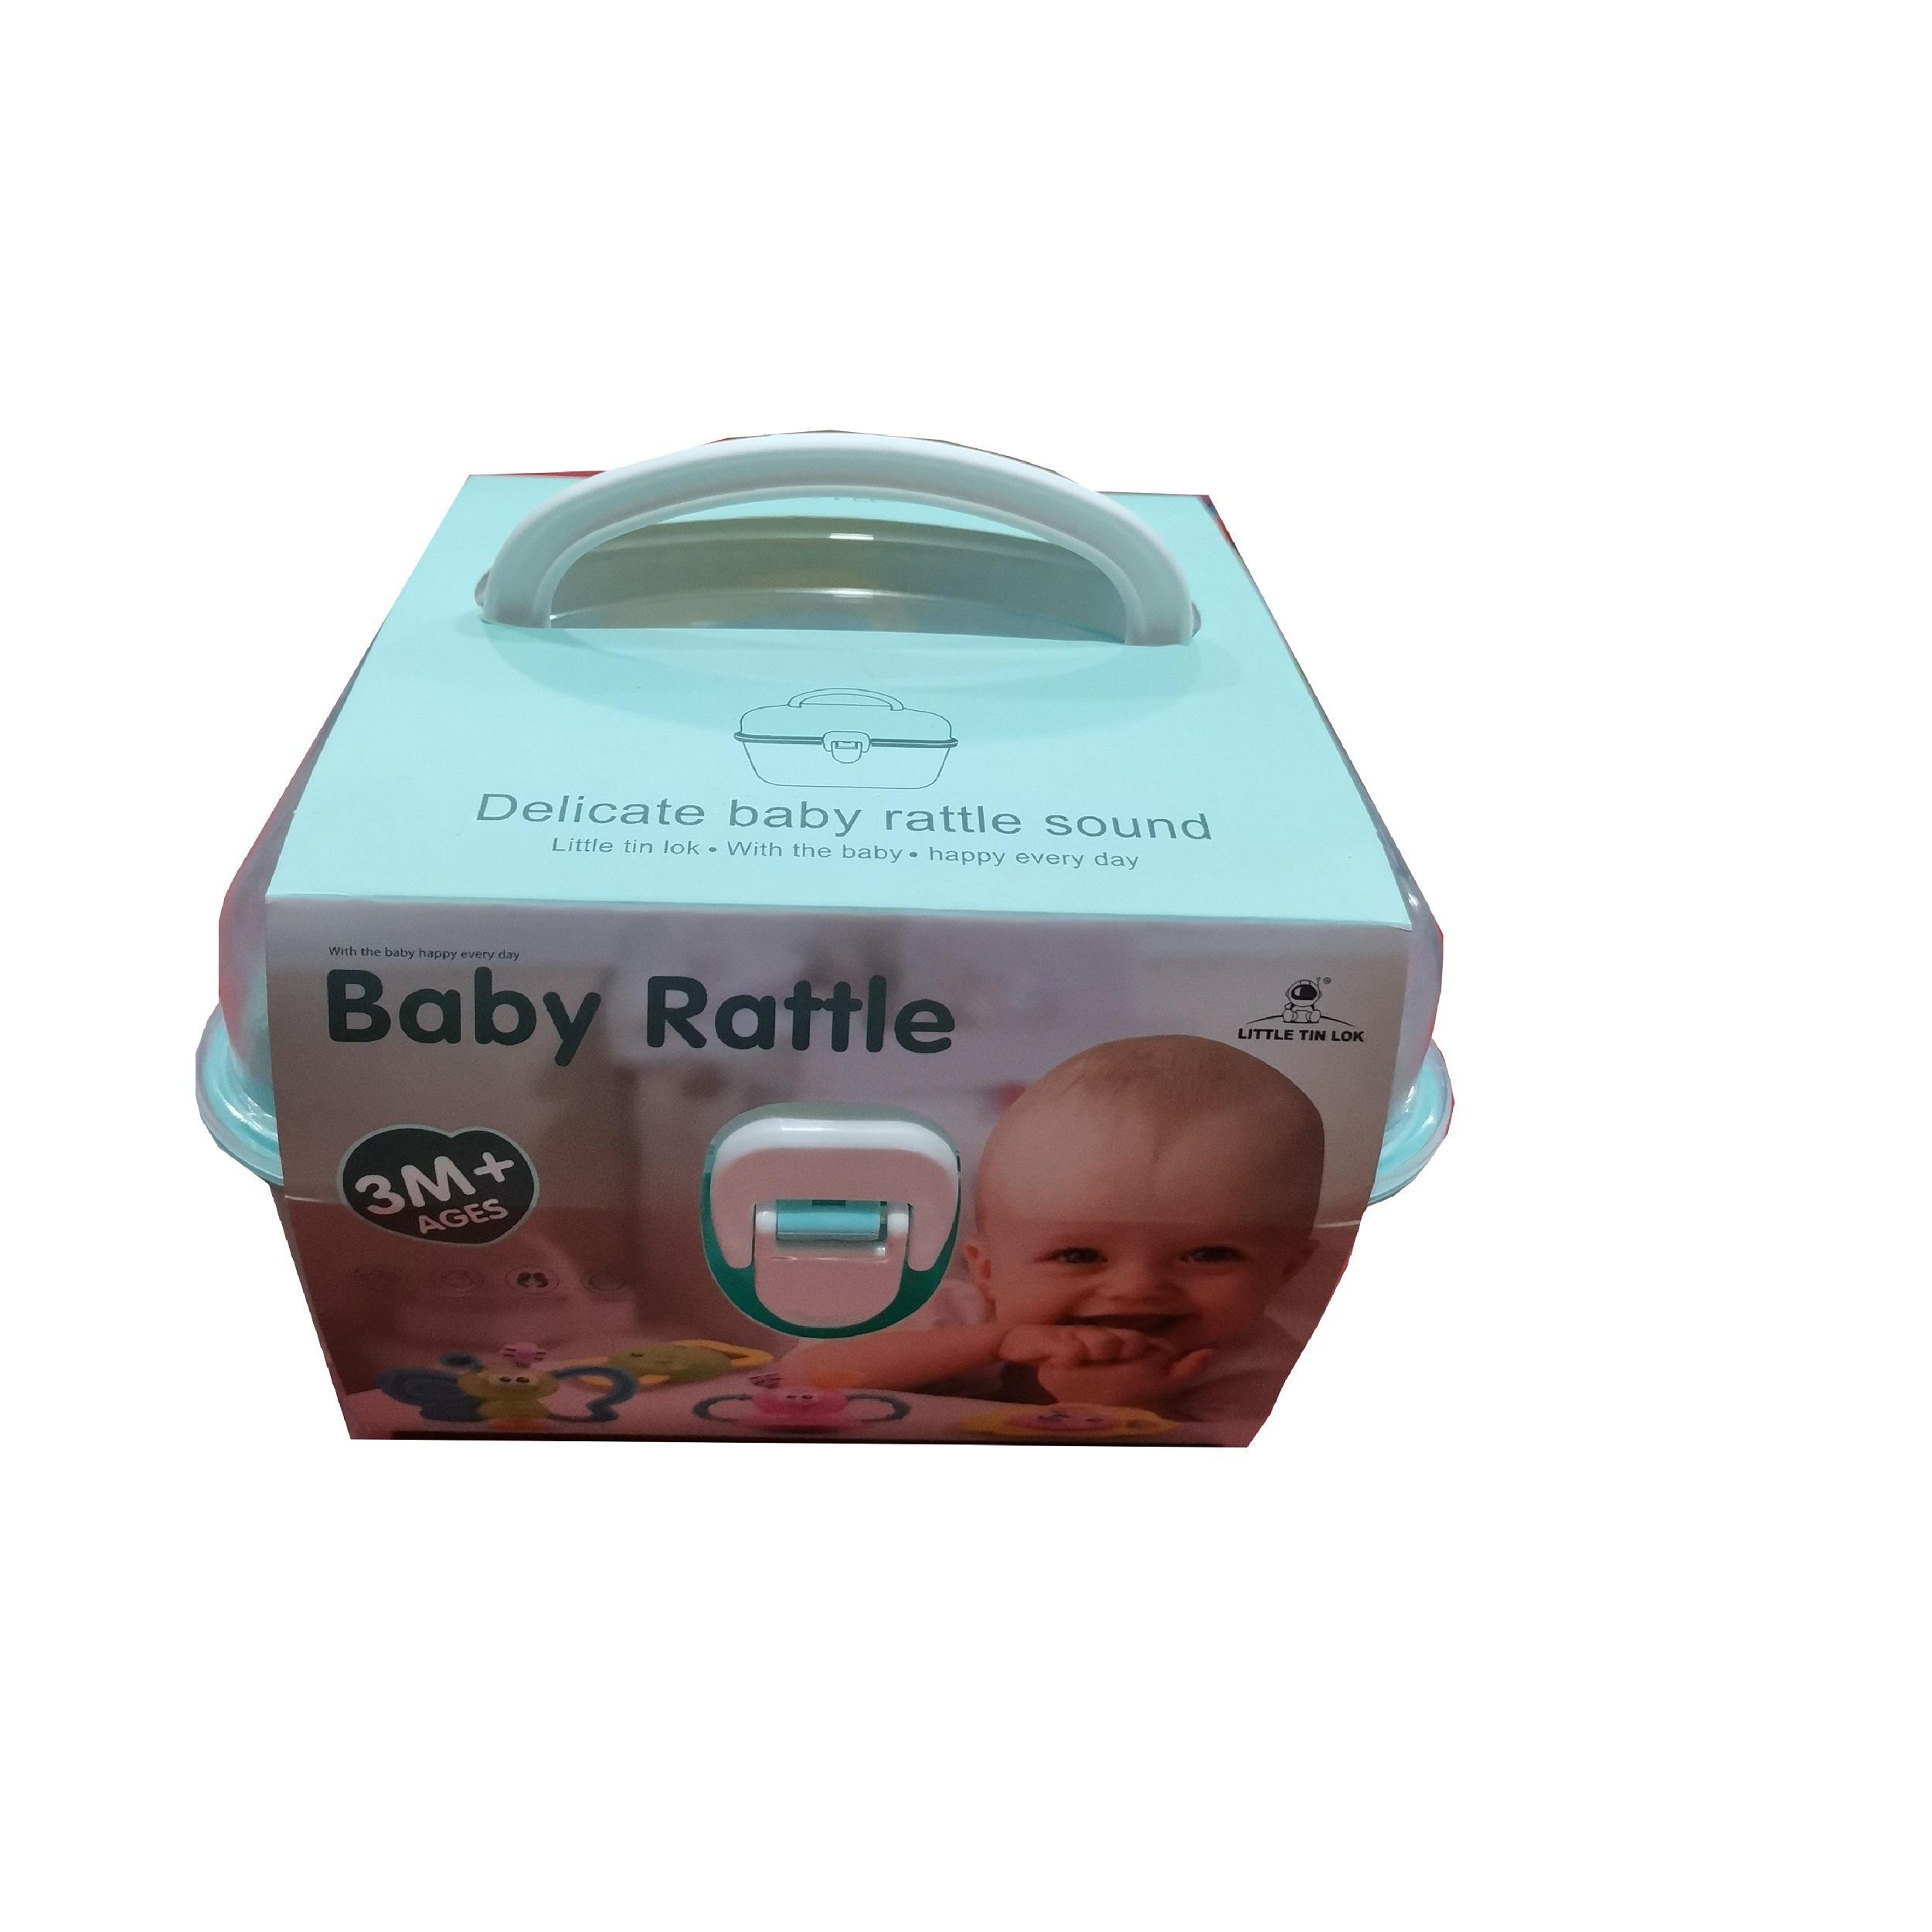 ست جغجغه مدل Baby Rattle کد M3171